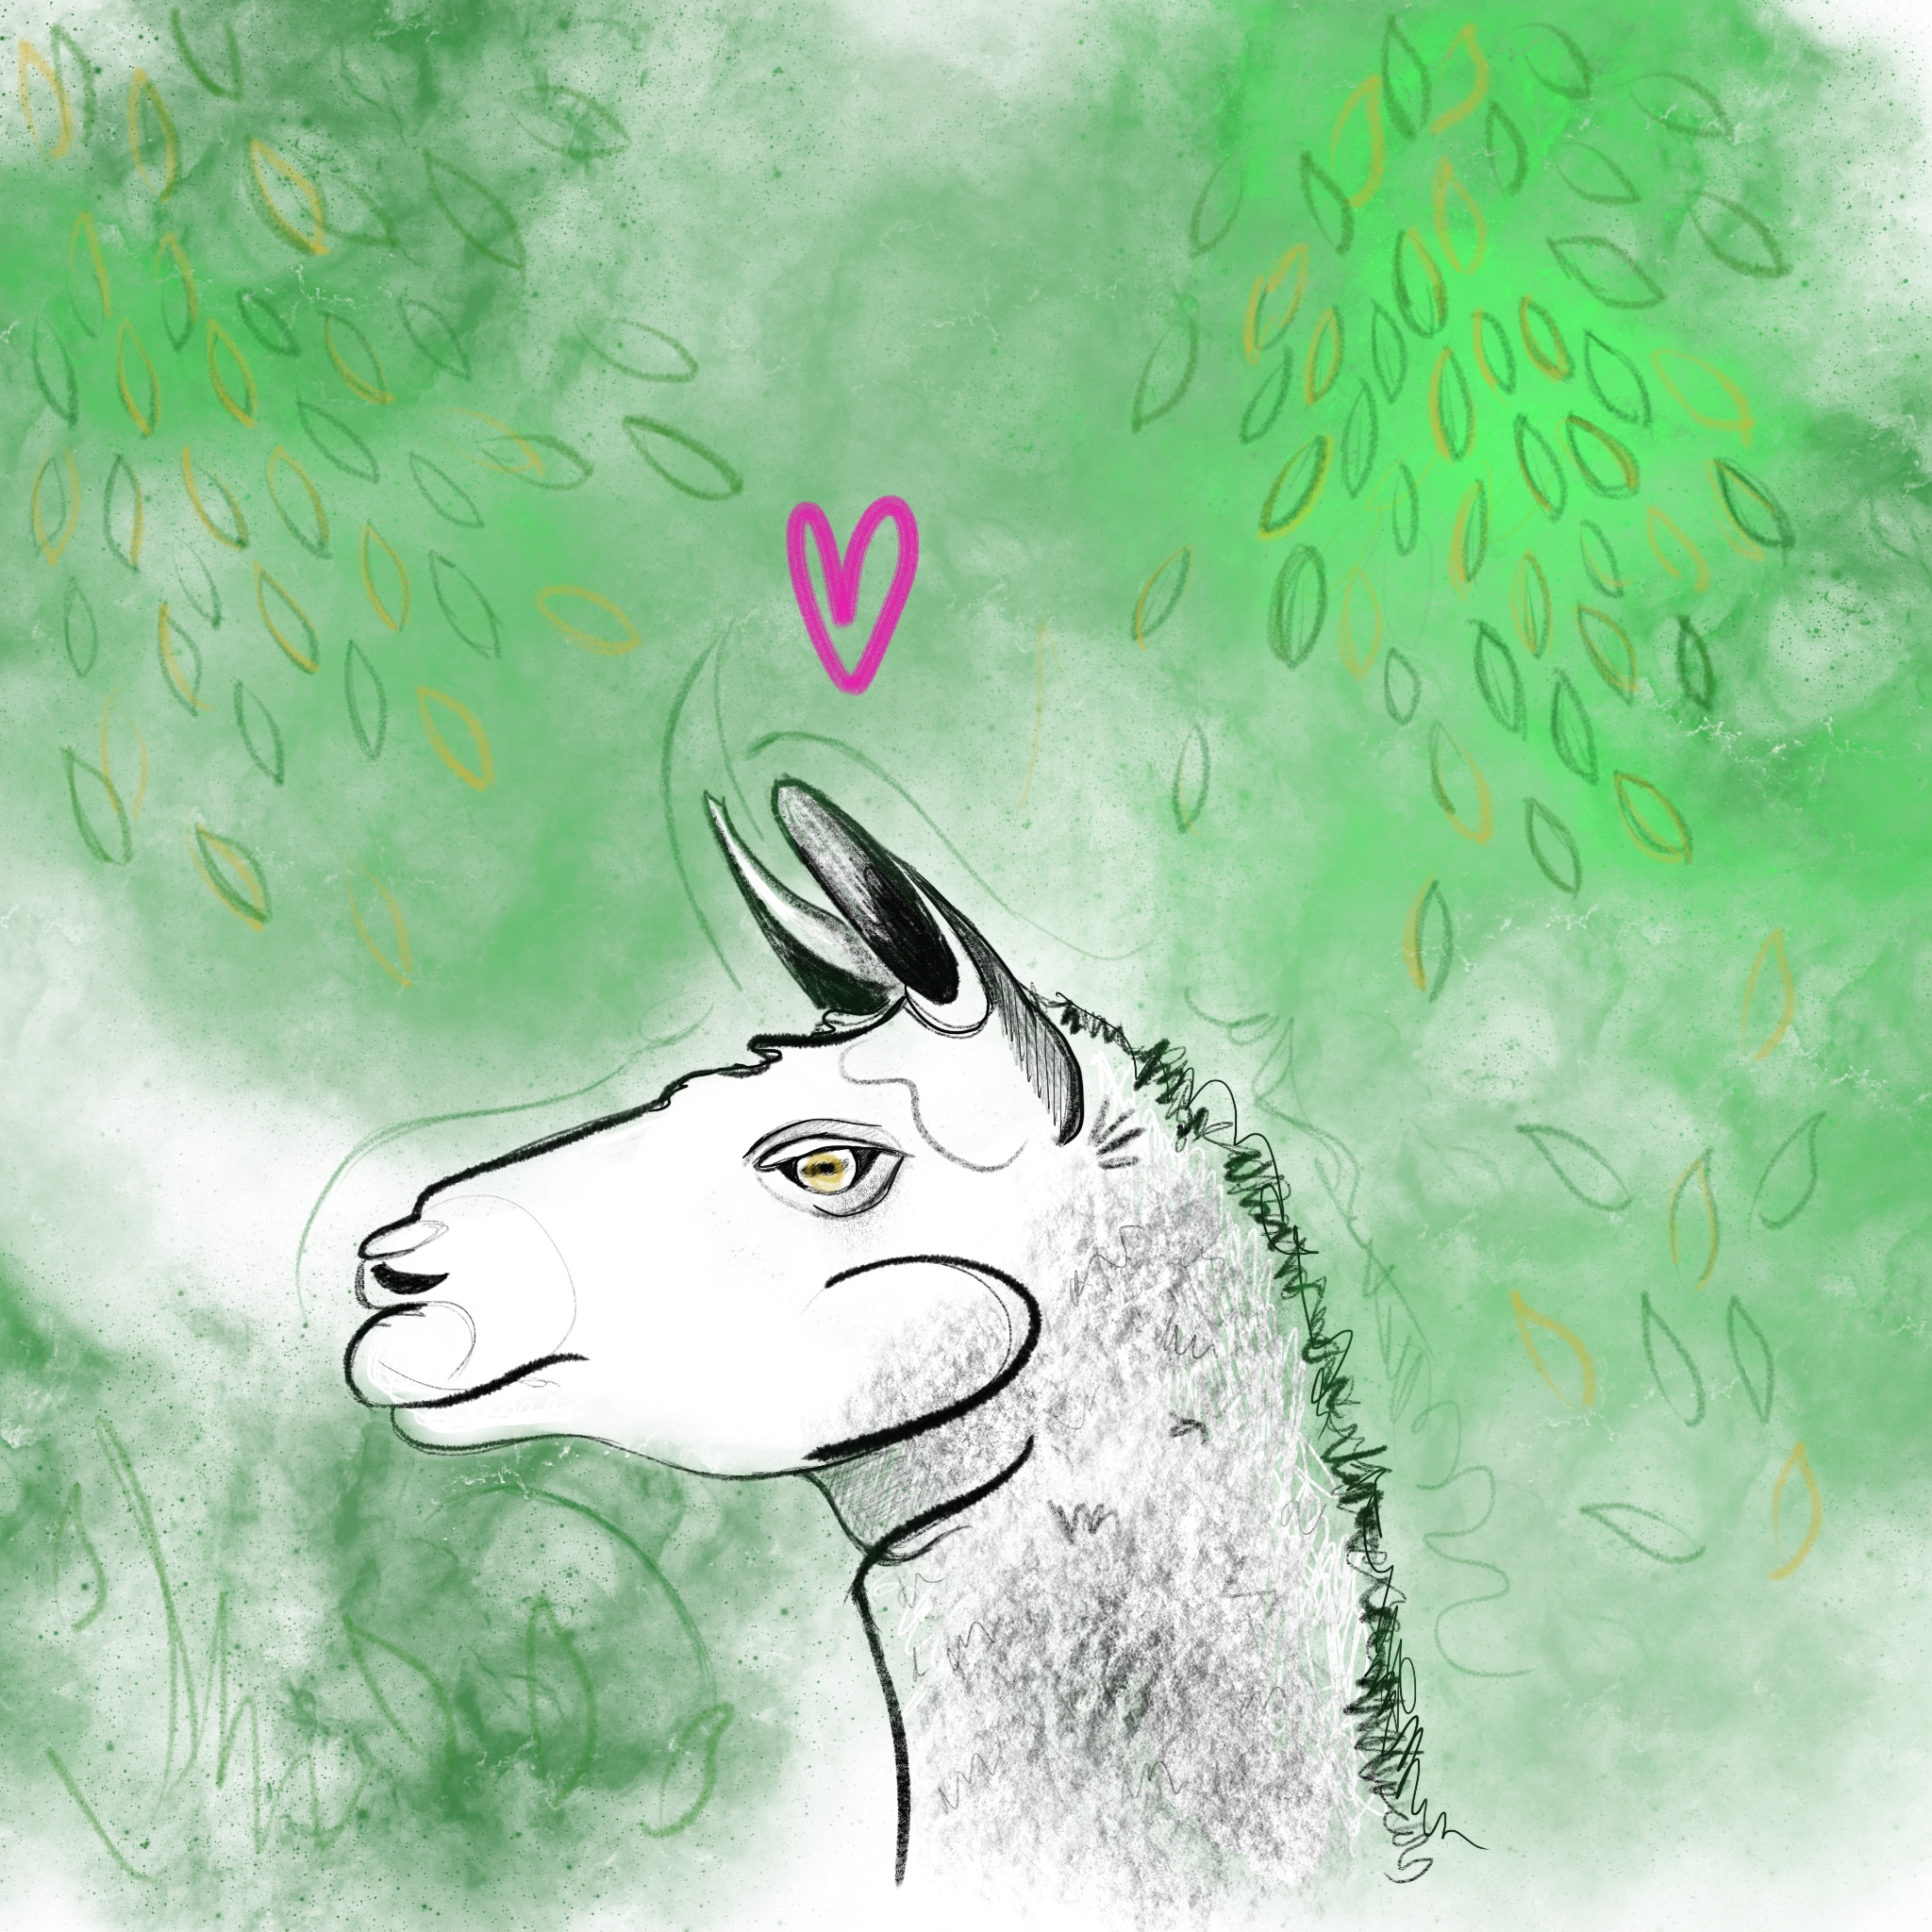 Llama_Portrait 2.jpg